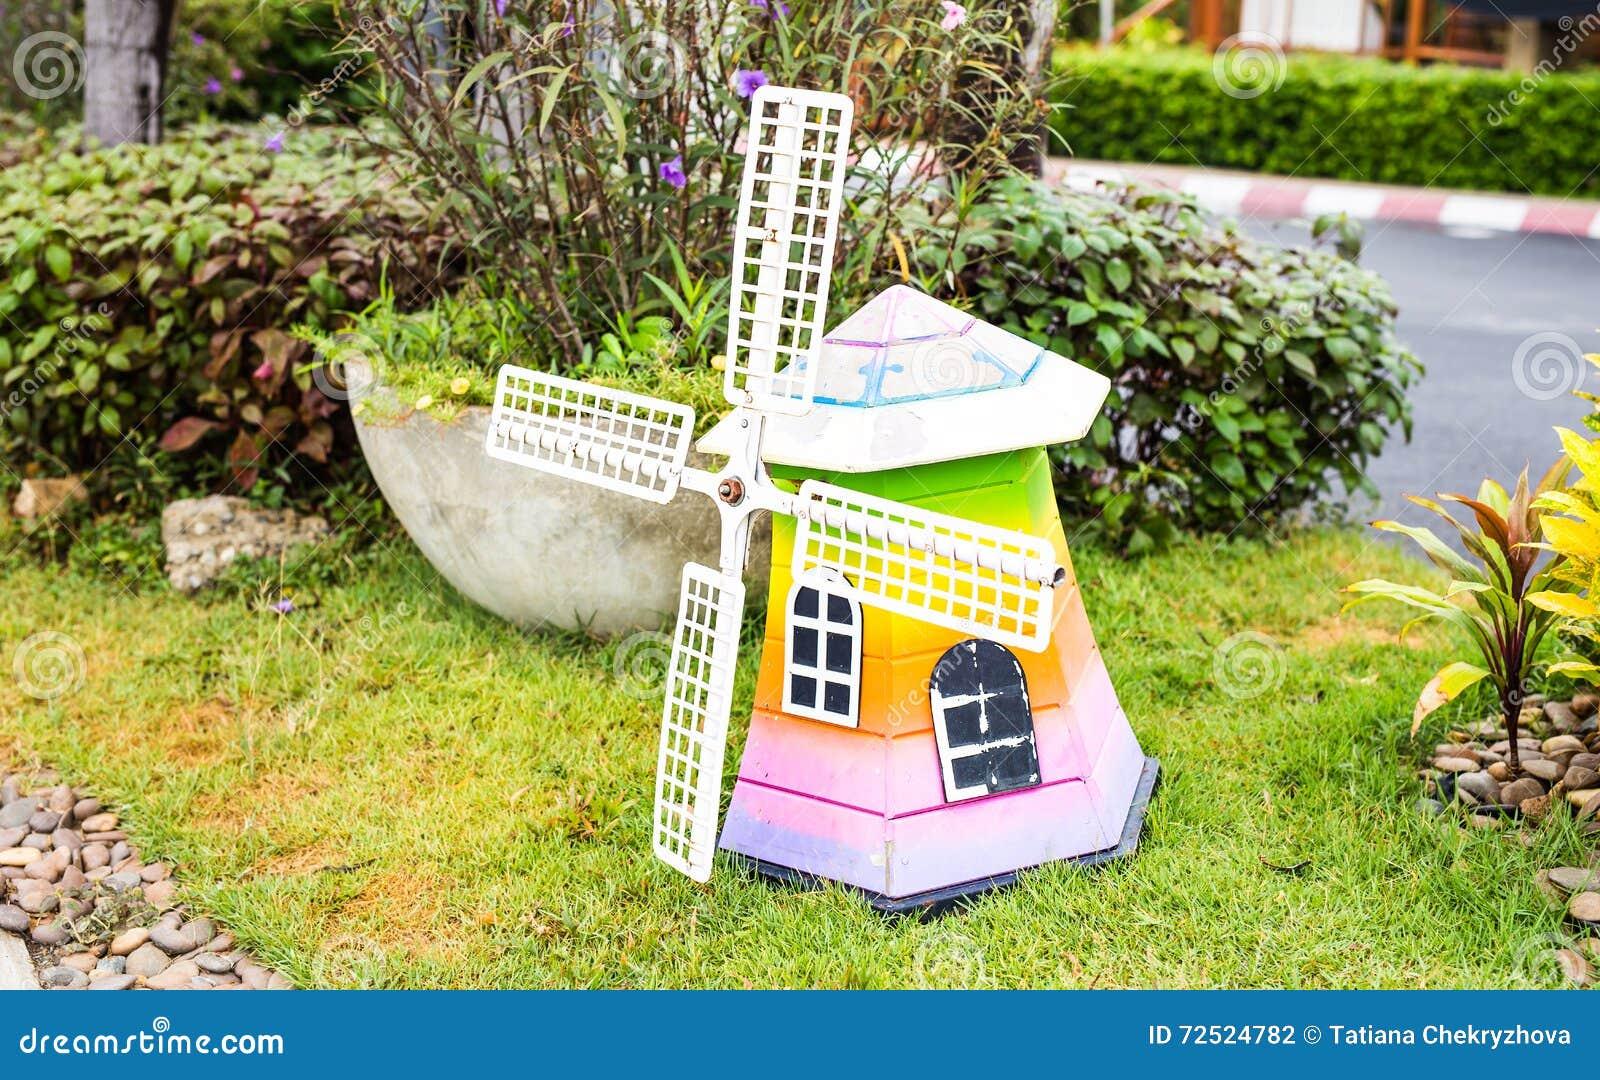 Molino de viento de madera decorativo en el jard n talla for Molinos de viento para jardin